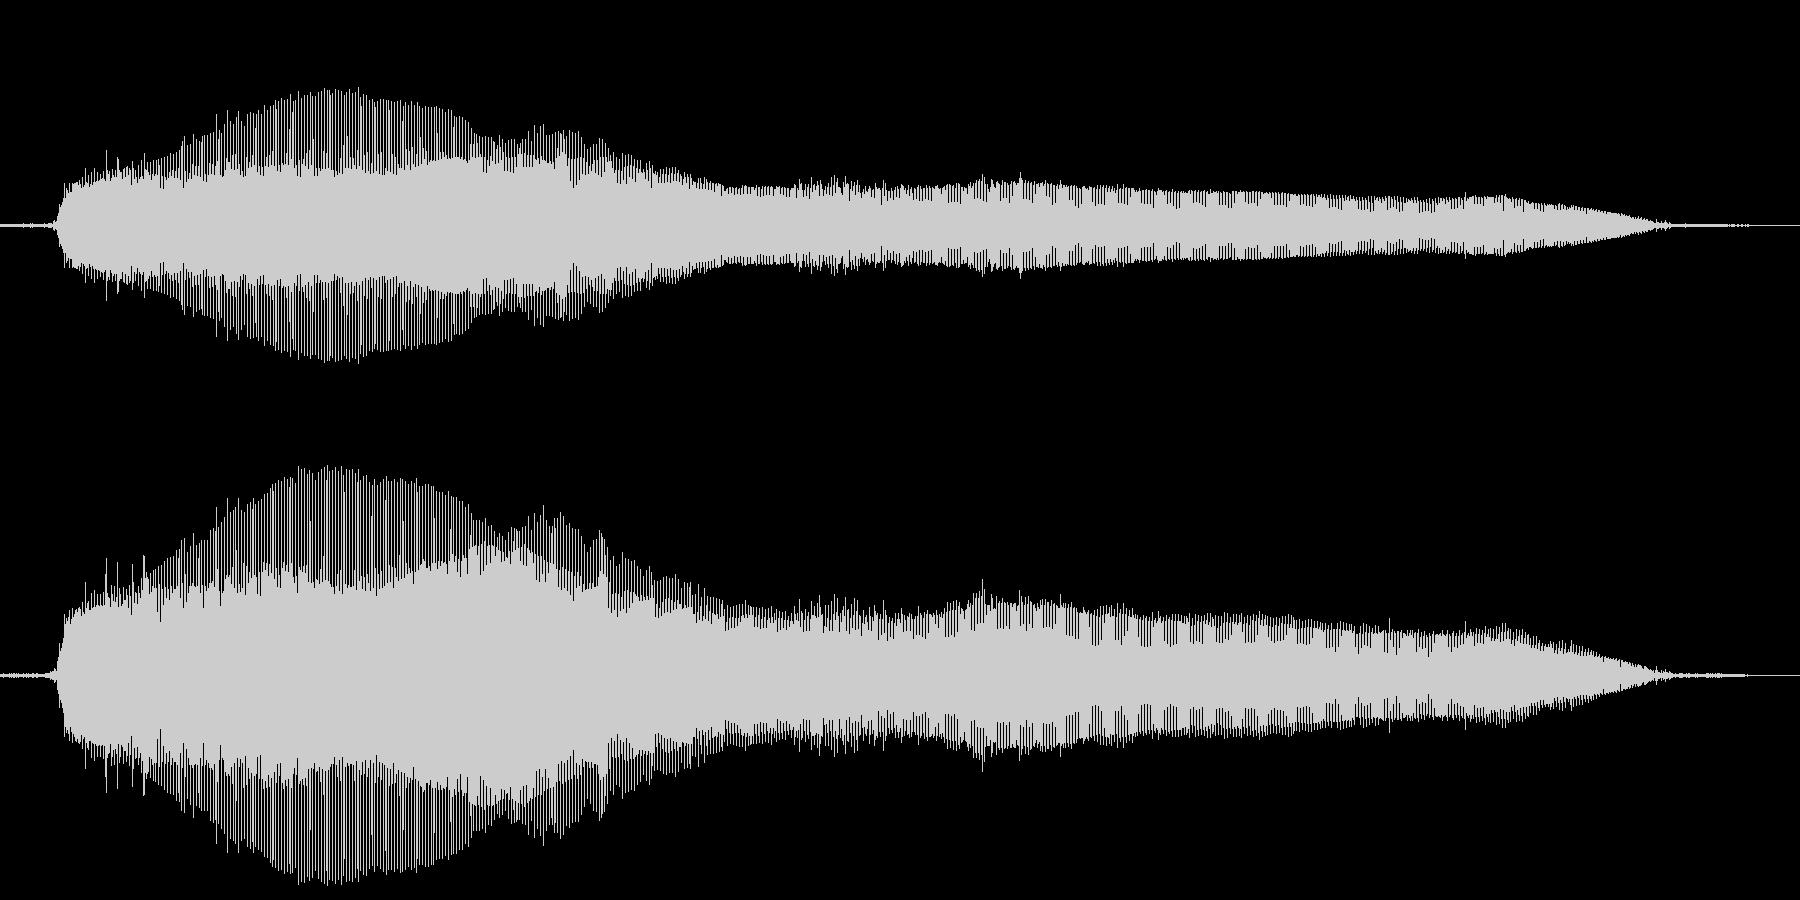 猫の鳴き声(ニャー)の未再生の波形